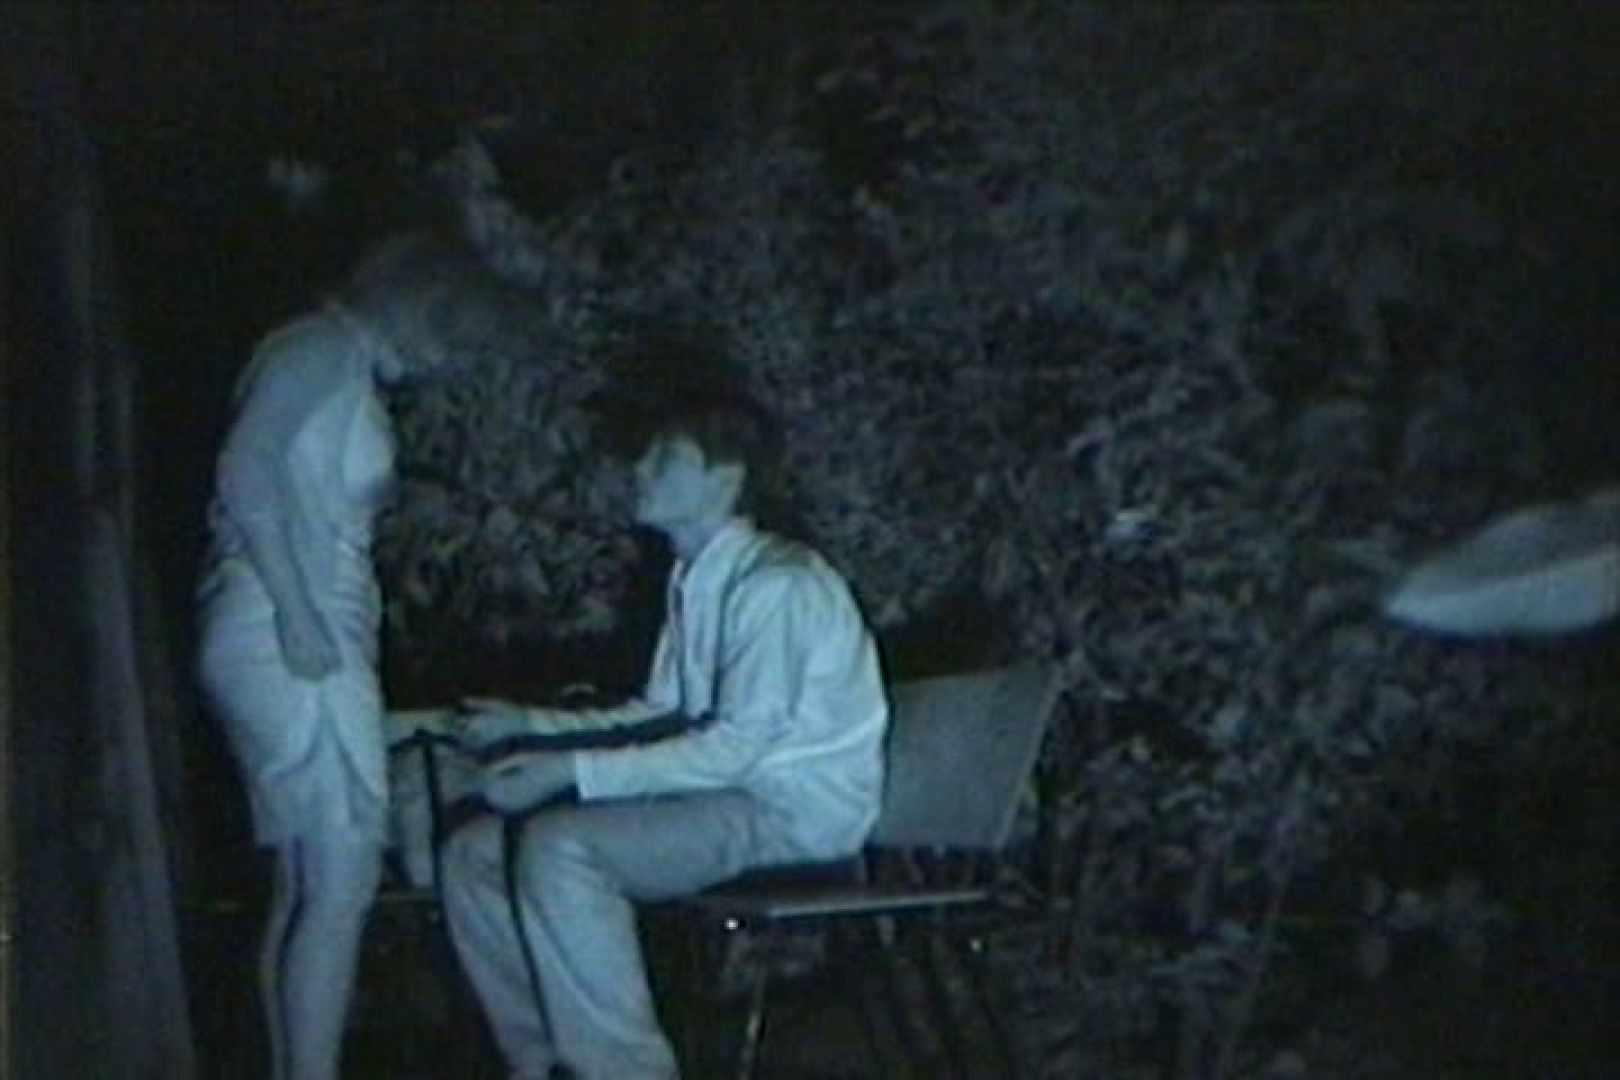 闇の仕掛け人 無修正版 Vol.24 ホテル ワレメ無修正動画無料 55画像 49